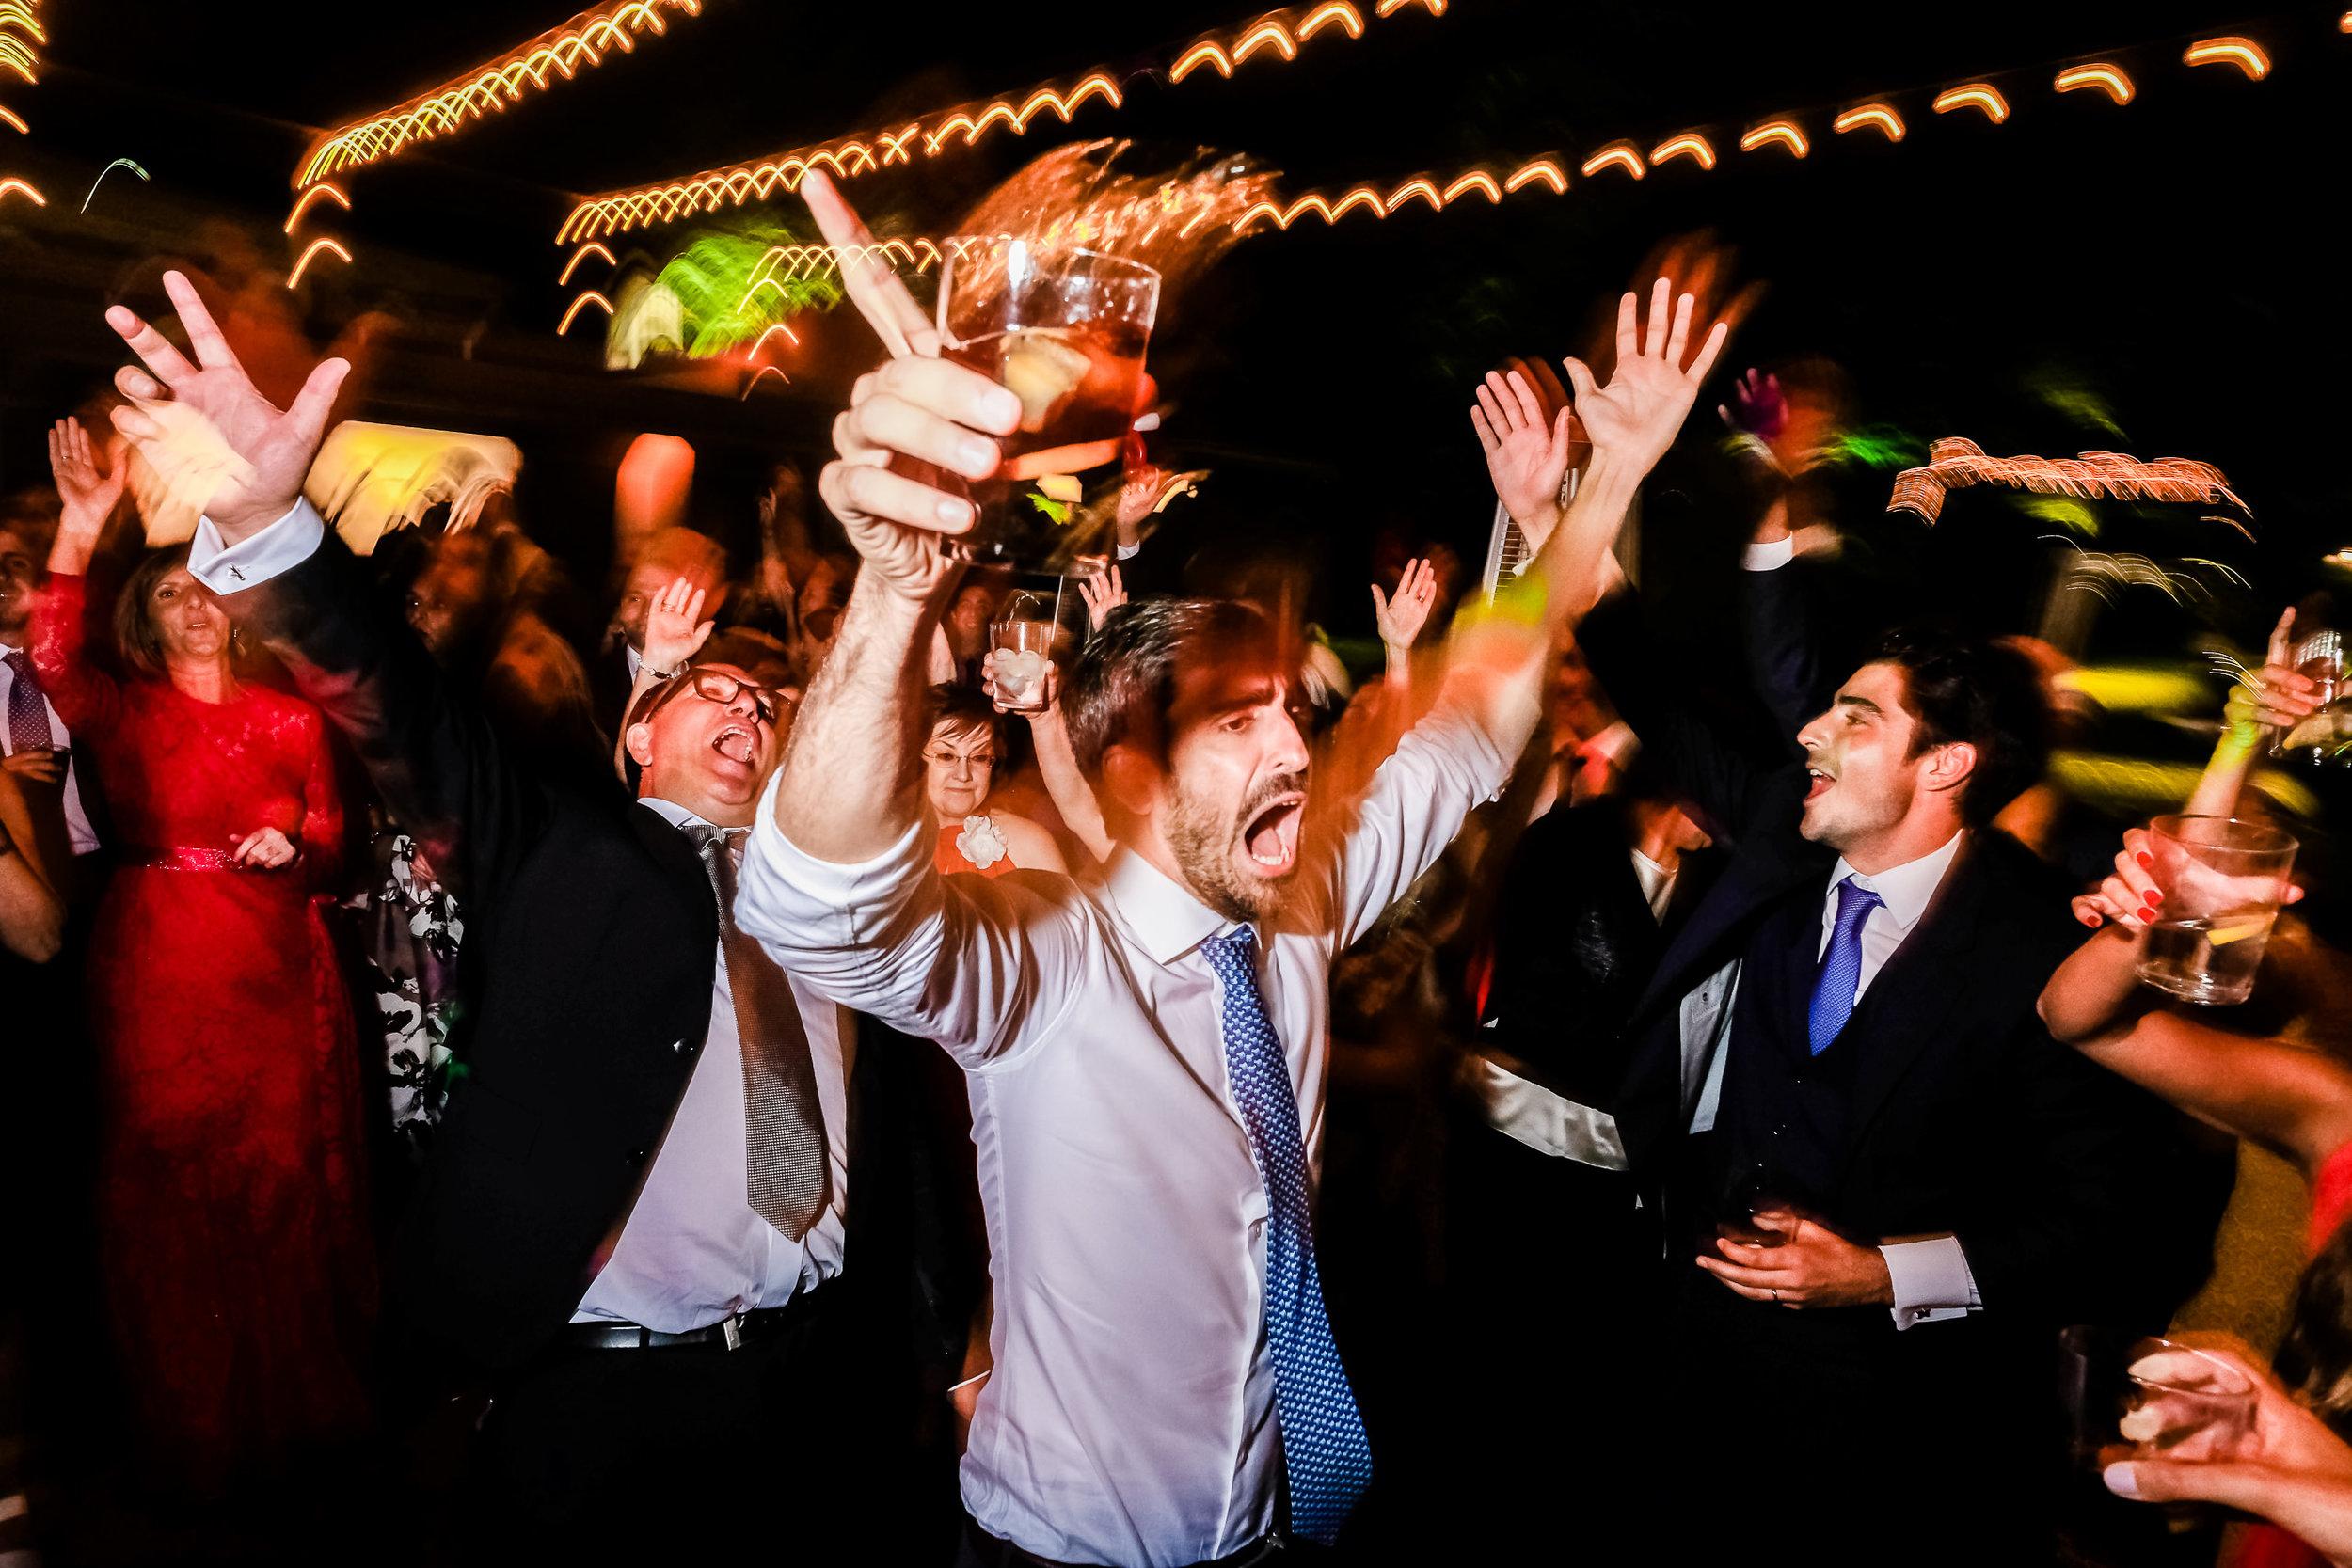 como tener una fiesta divertida en tu boda